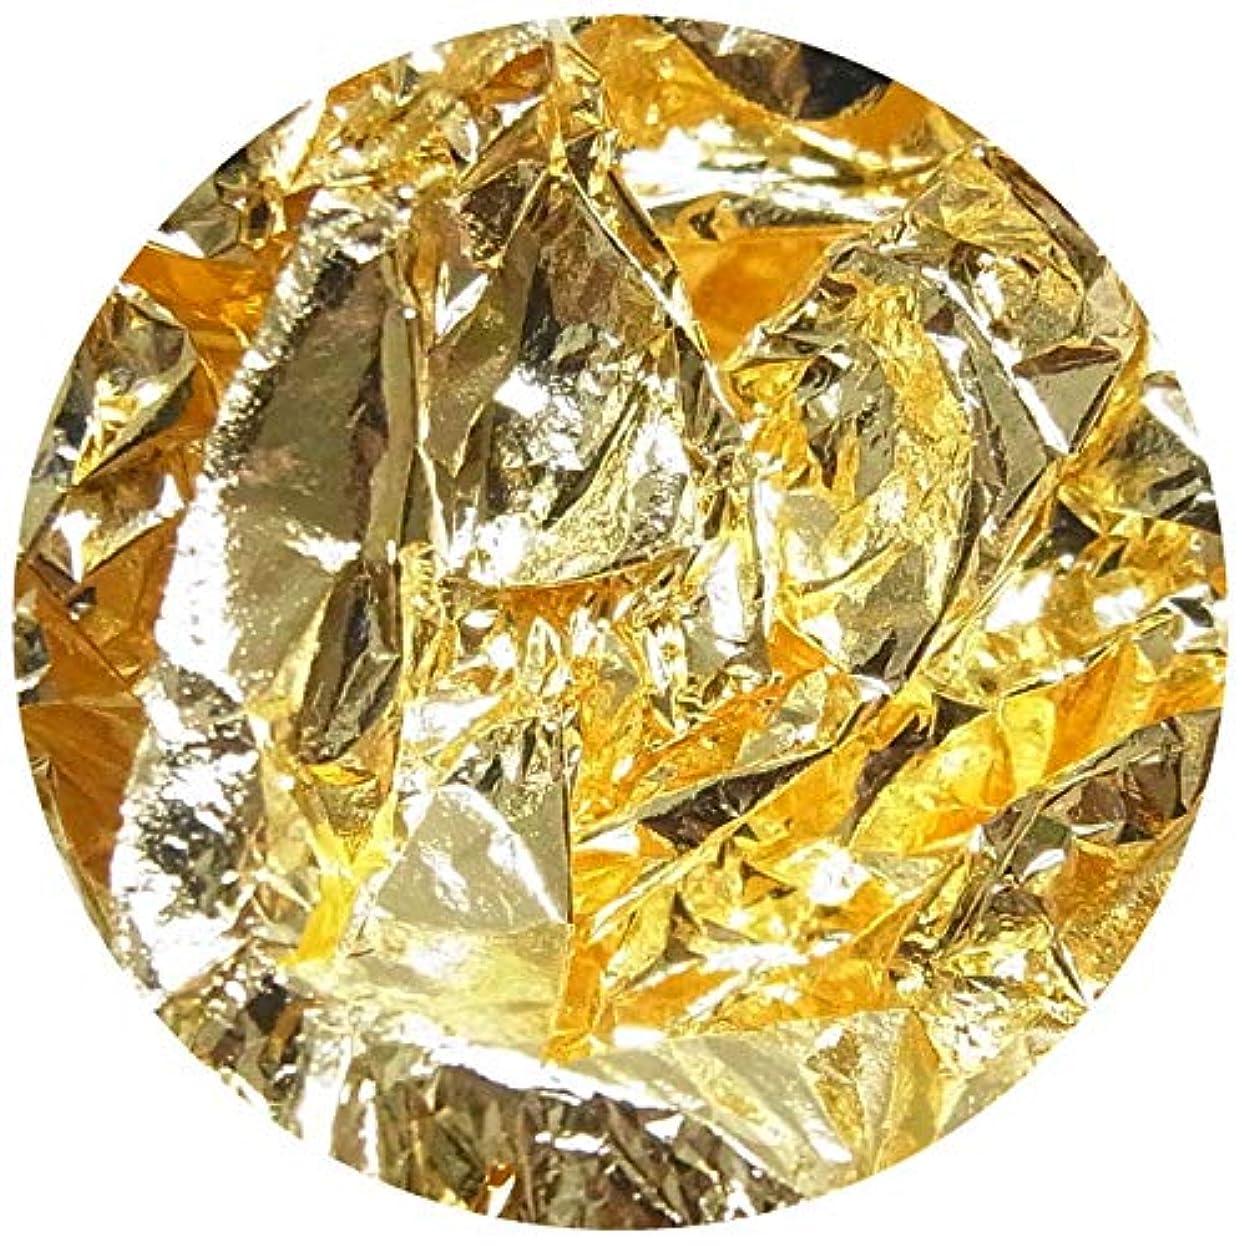 渦トロリー高齢者【jewel】ネイルホイル 金箔風 ケース付き 金箔 銀箔 (金箔)